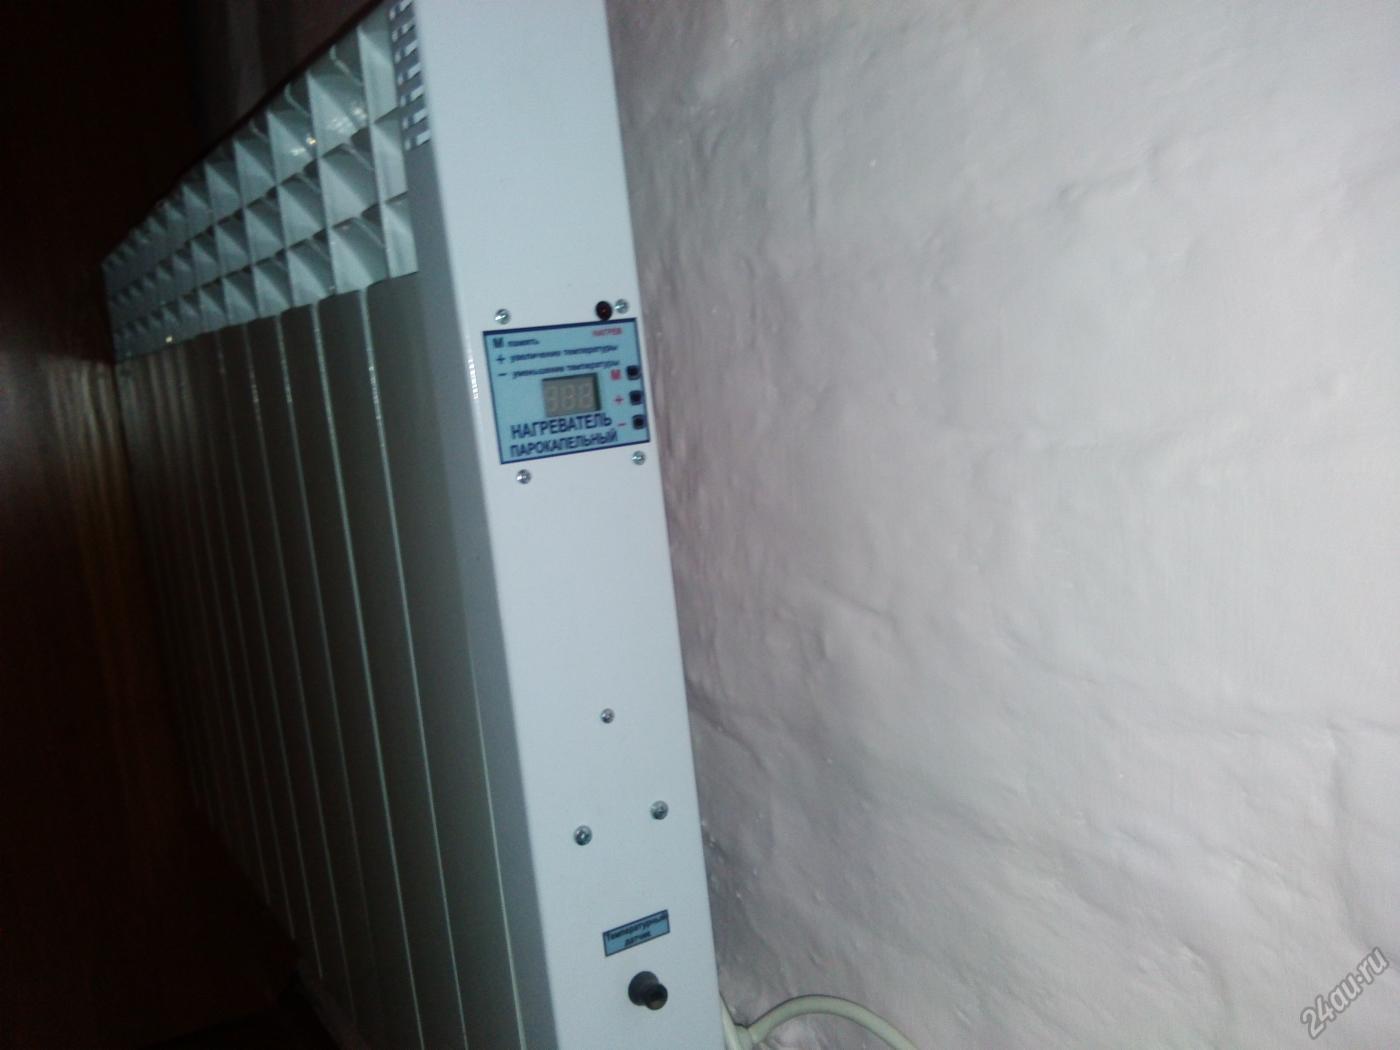 Парокапельные батареи отзывы,парокапельное отопление отзывы,парокапельные  нагреватели отзывы